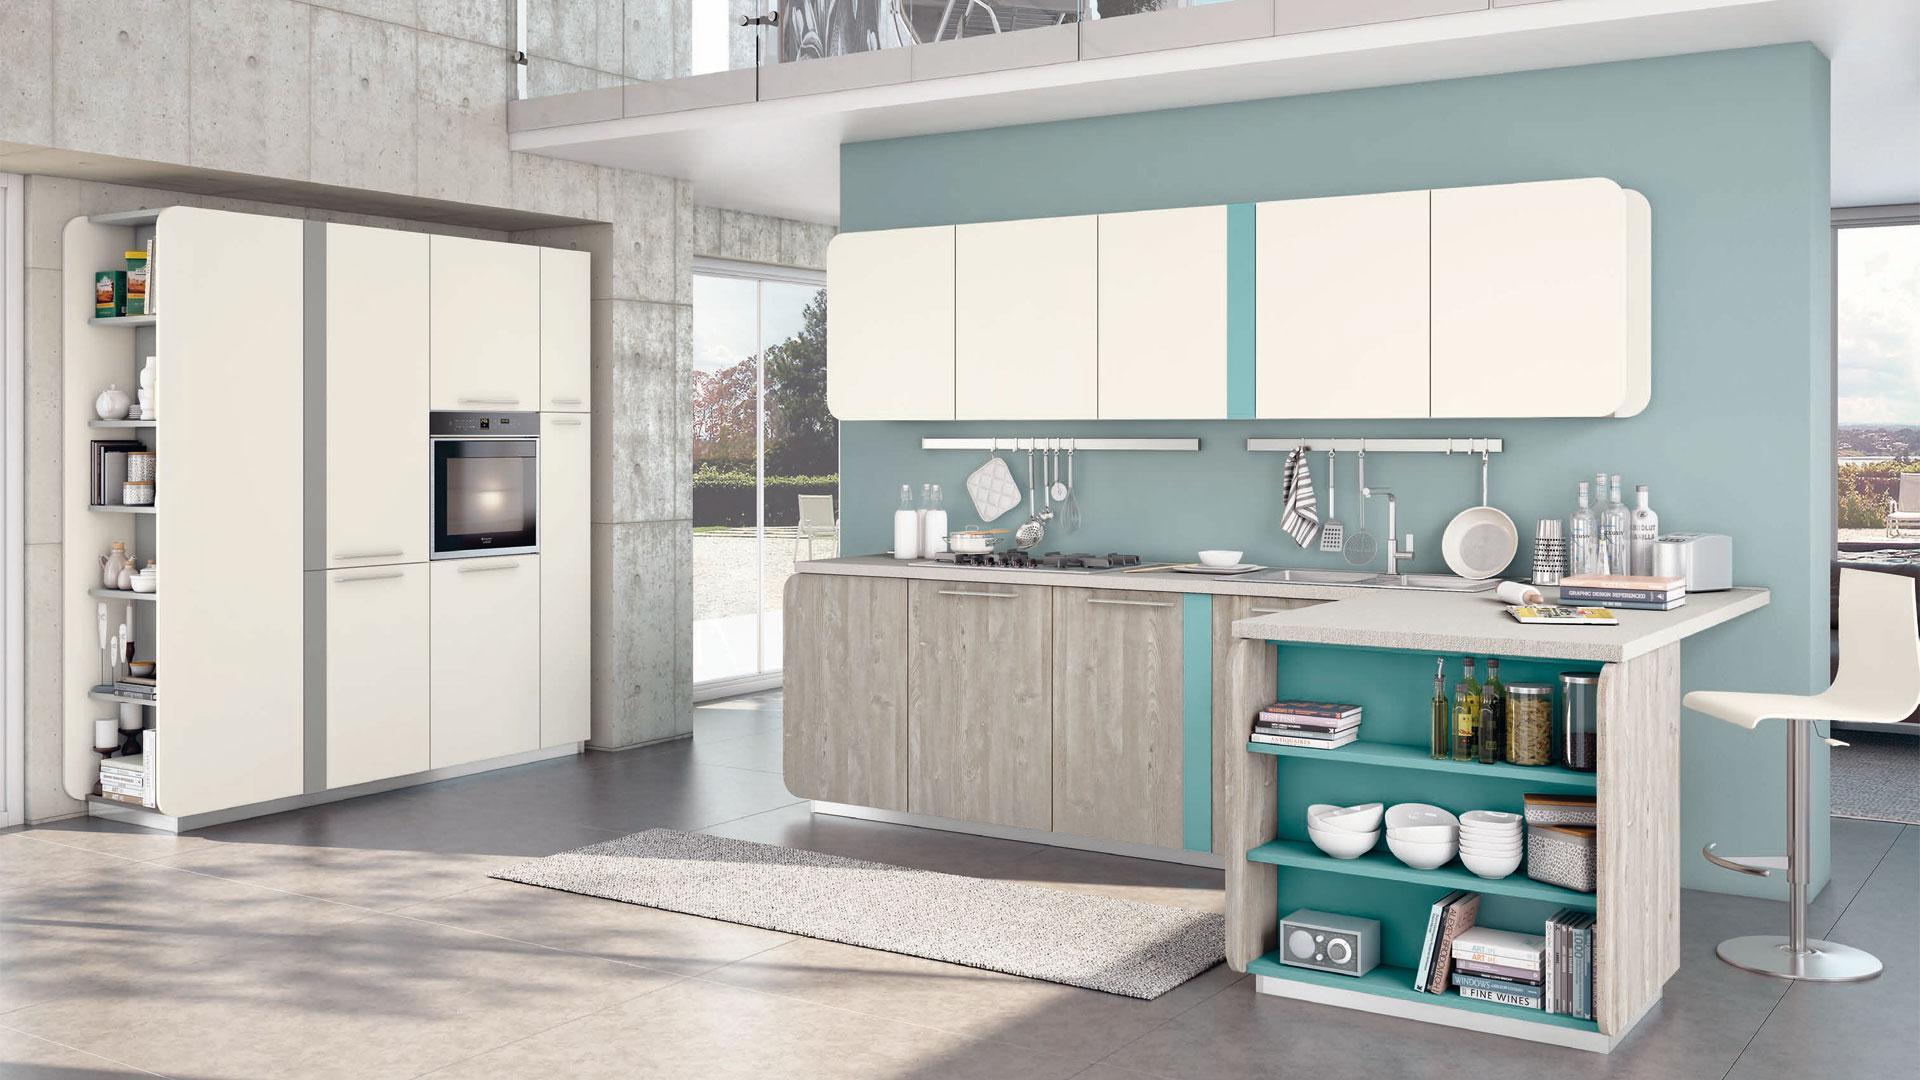 Immagina - Lube Store Milano - Le Cucine Lube & Creo a Milano